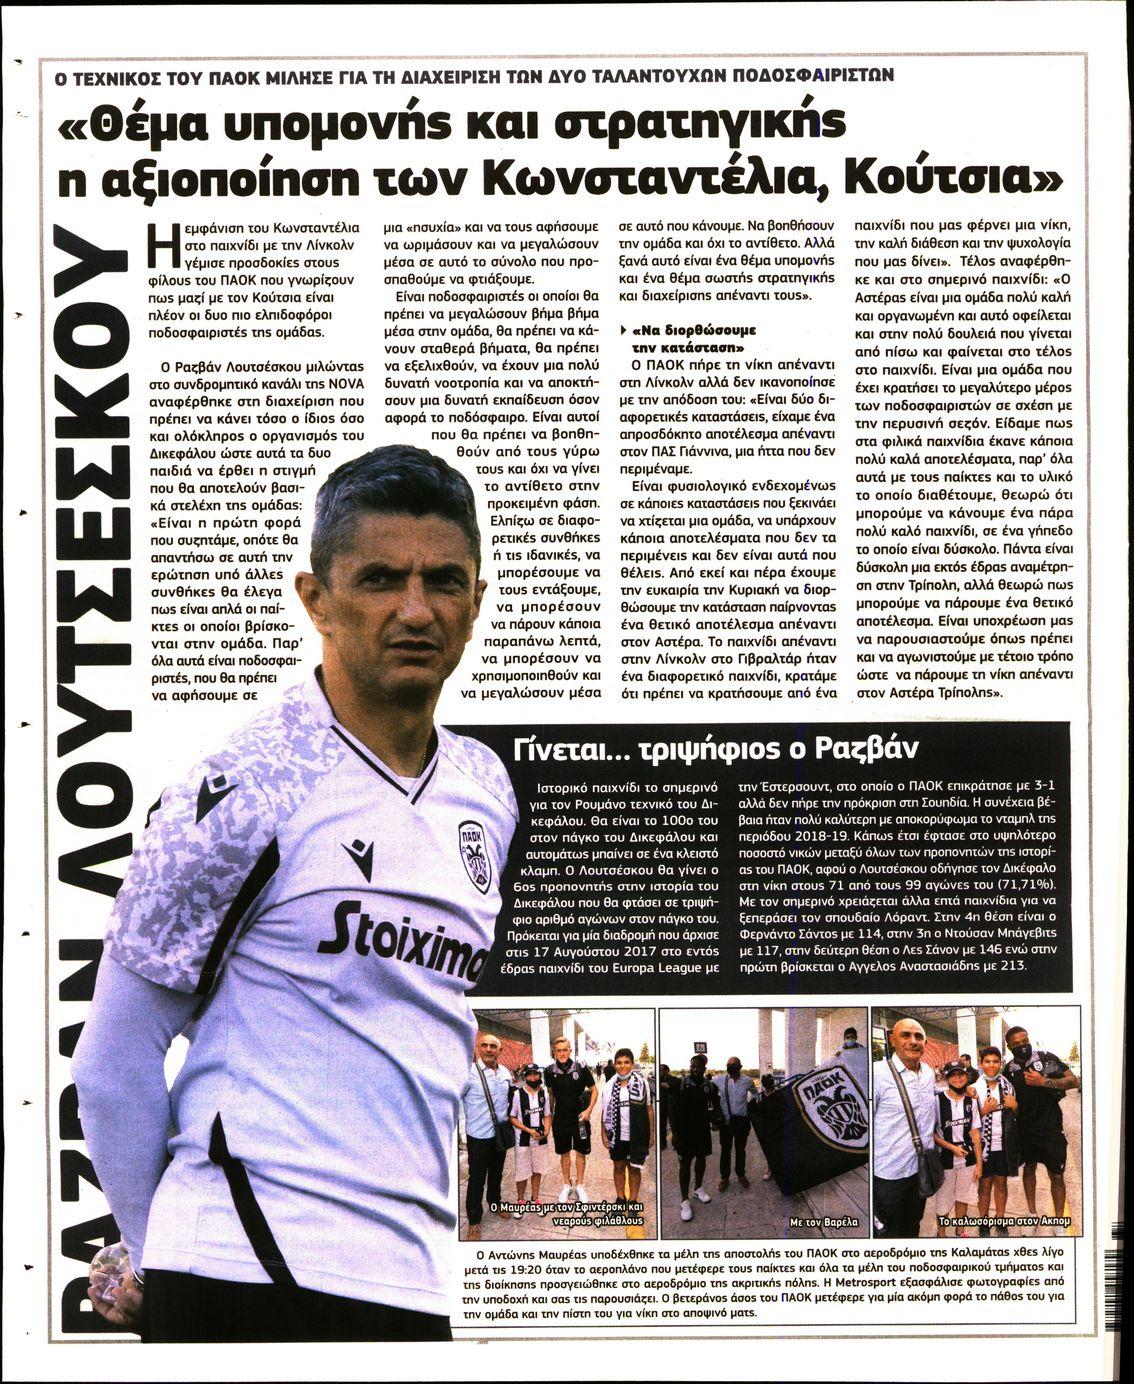 Οπισθόφυλλο του εντύπου «METROSPORT» που δημοσιεύτηκε στις 19/09/2021